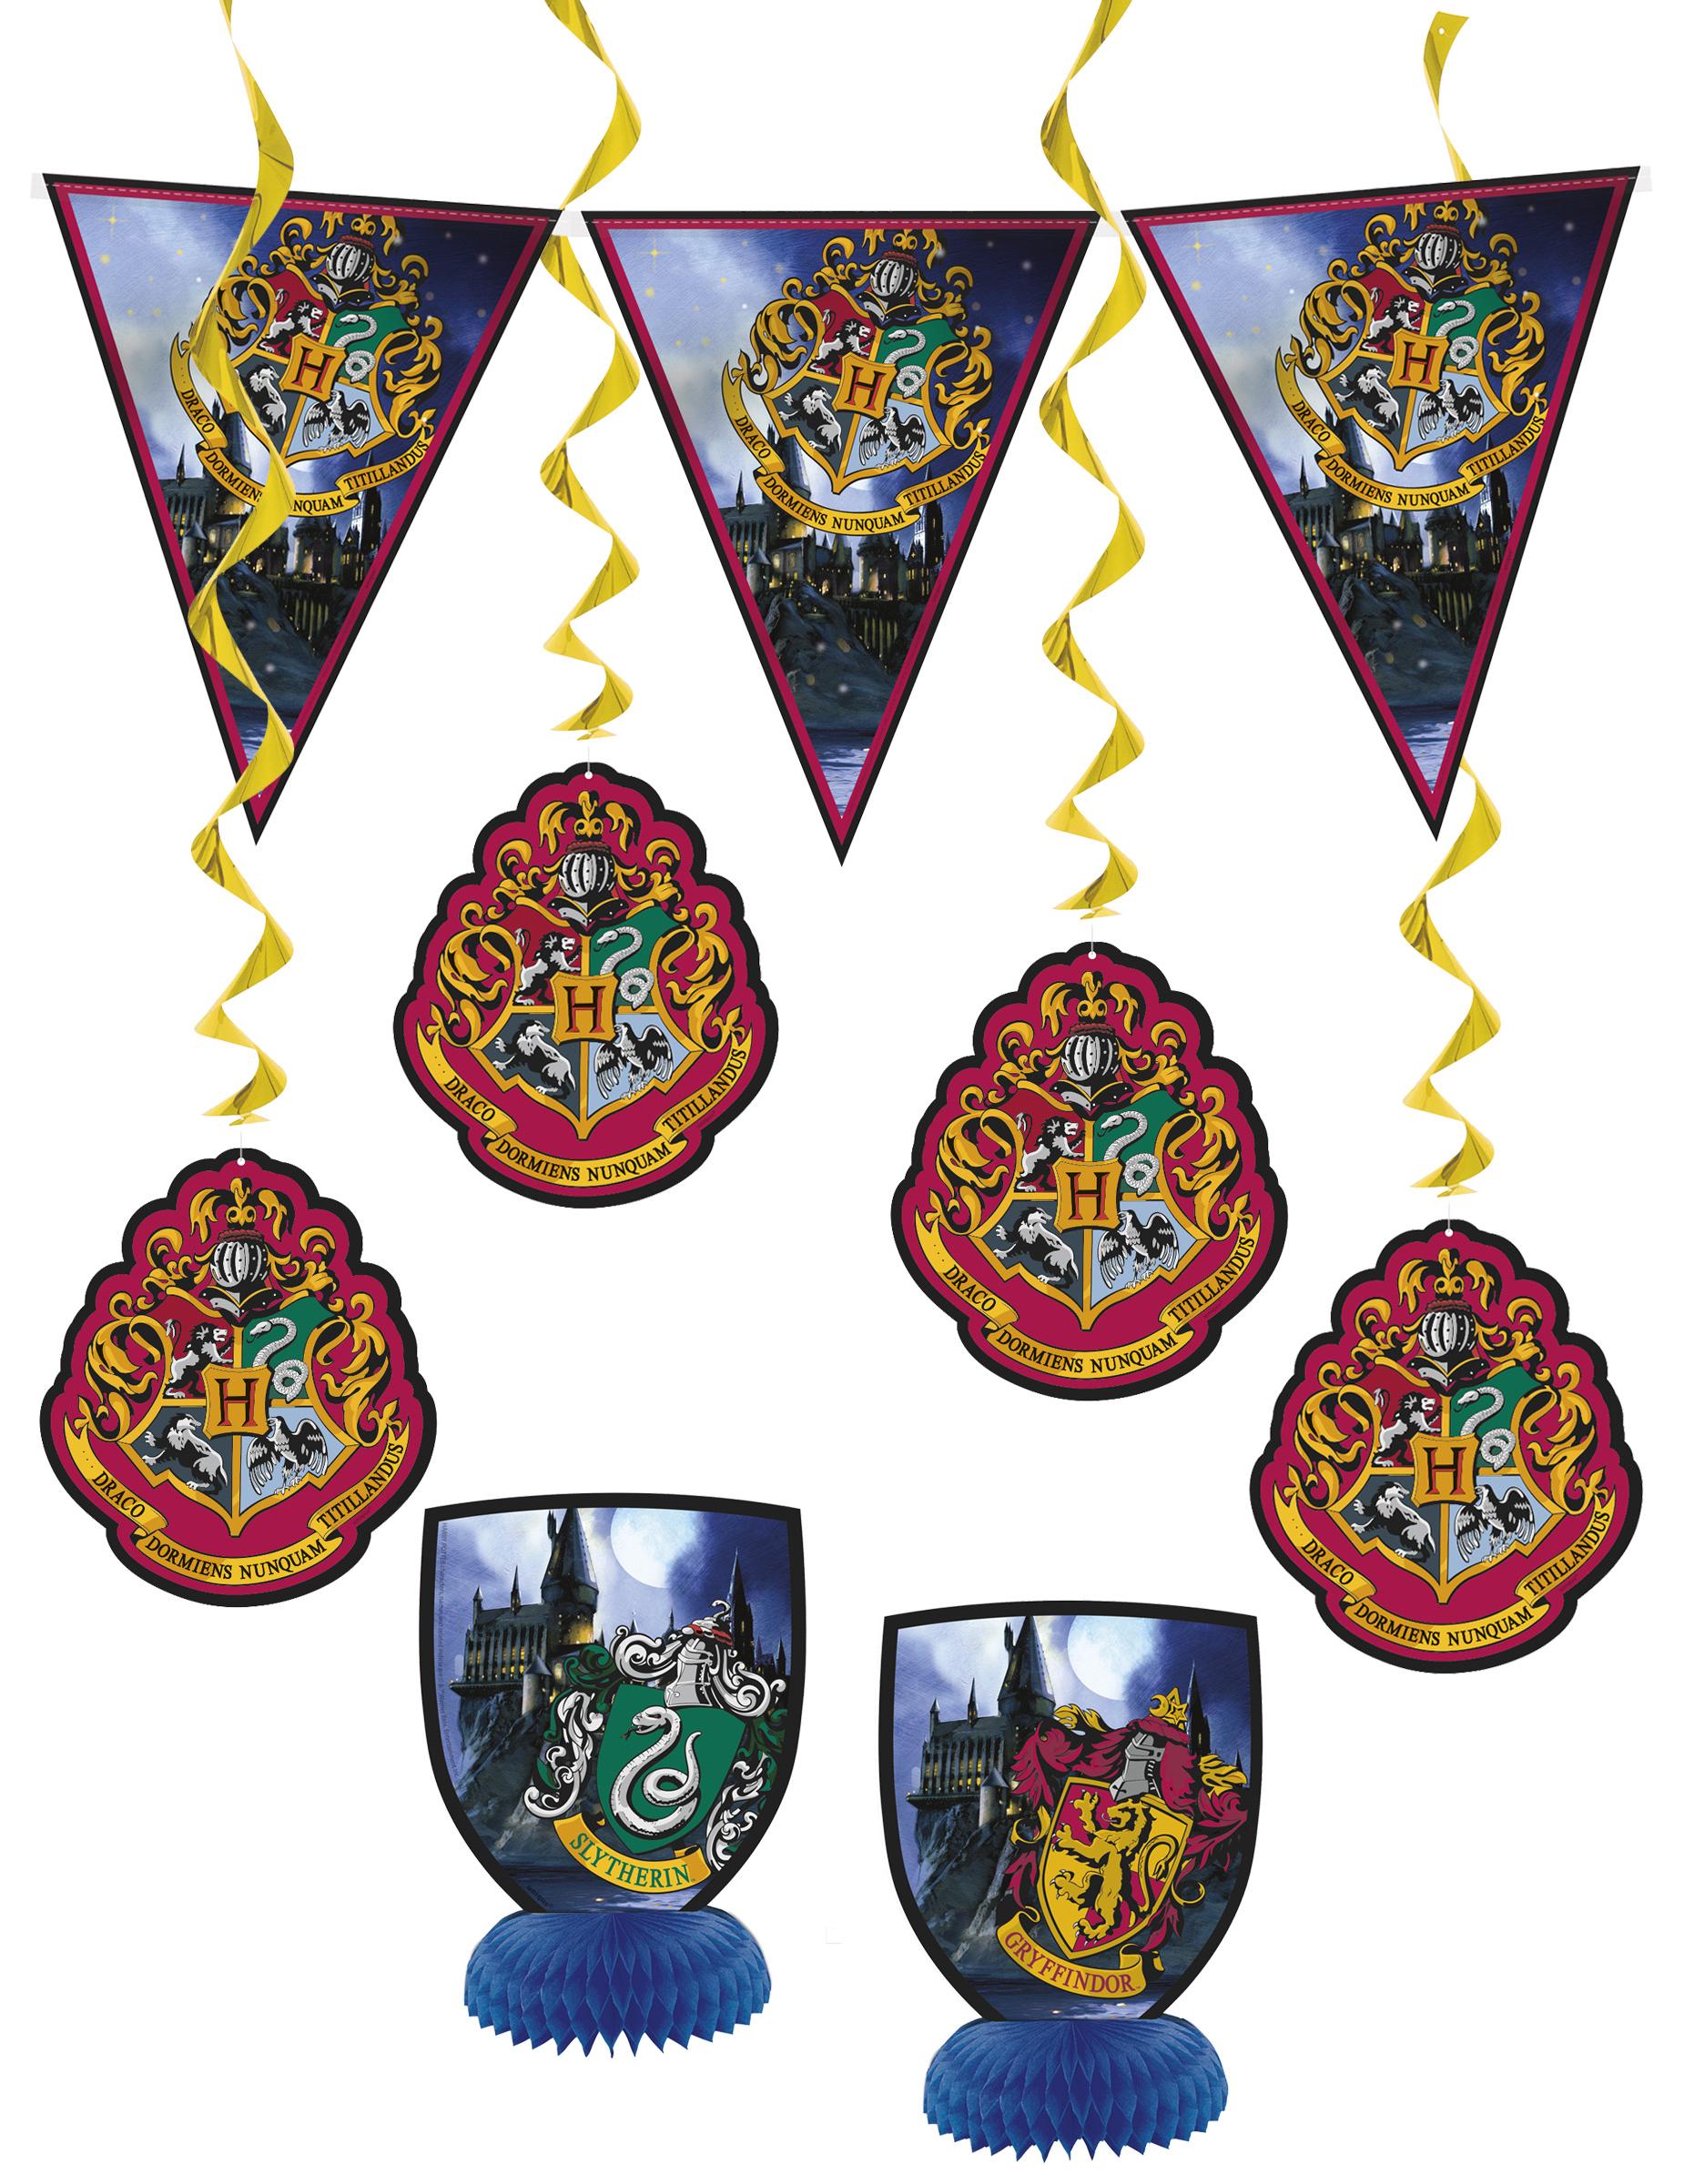 Uitzonderlijk Harry Potter™ decoratie set: Decoratie,en goedkope @QT23